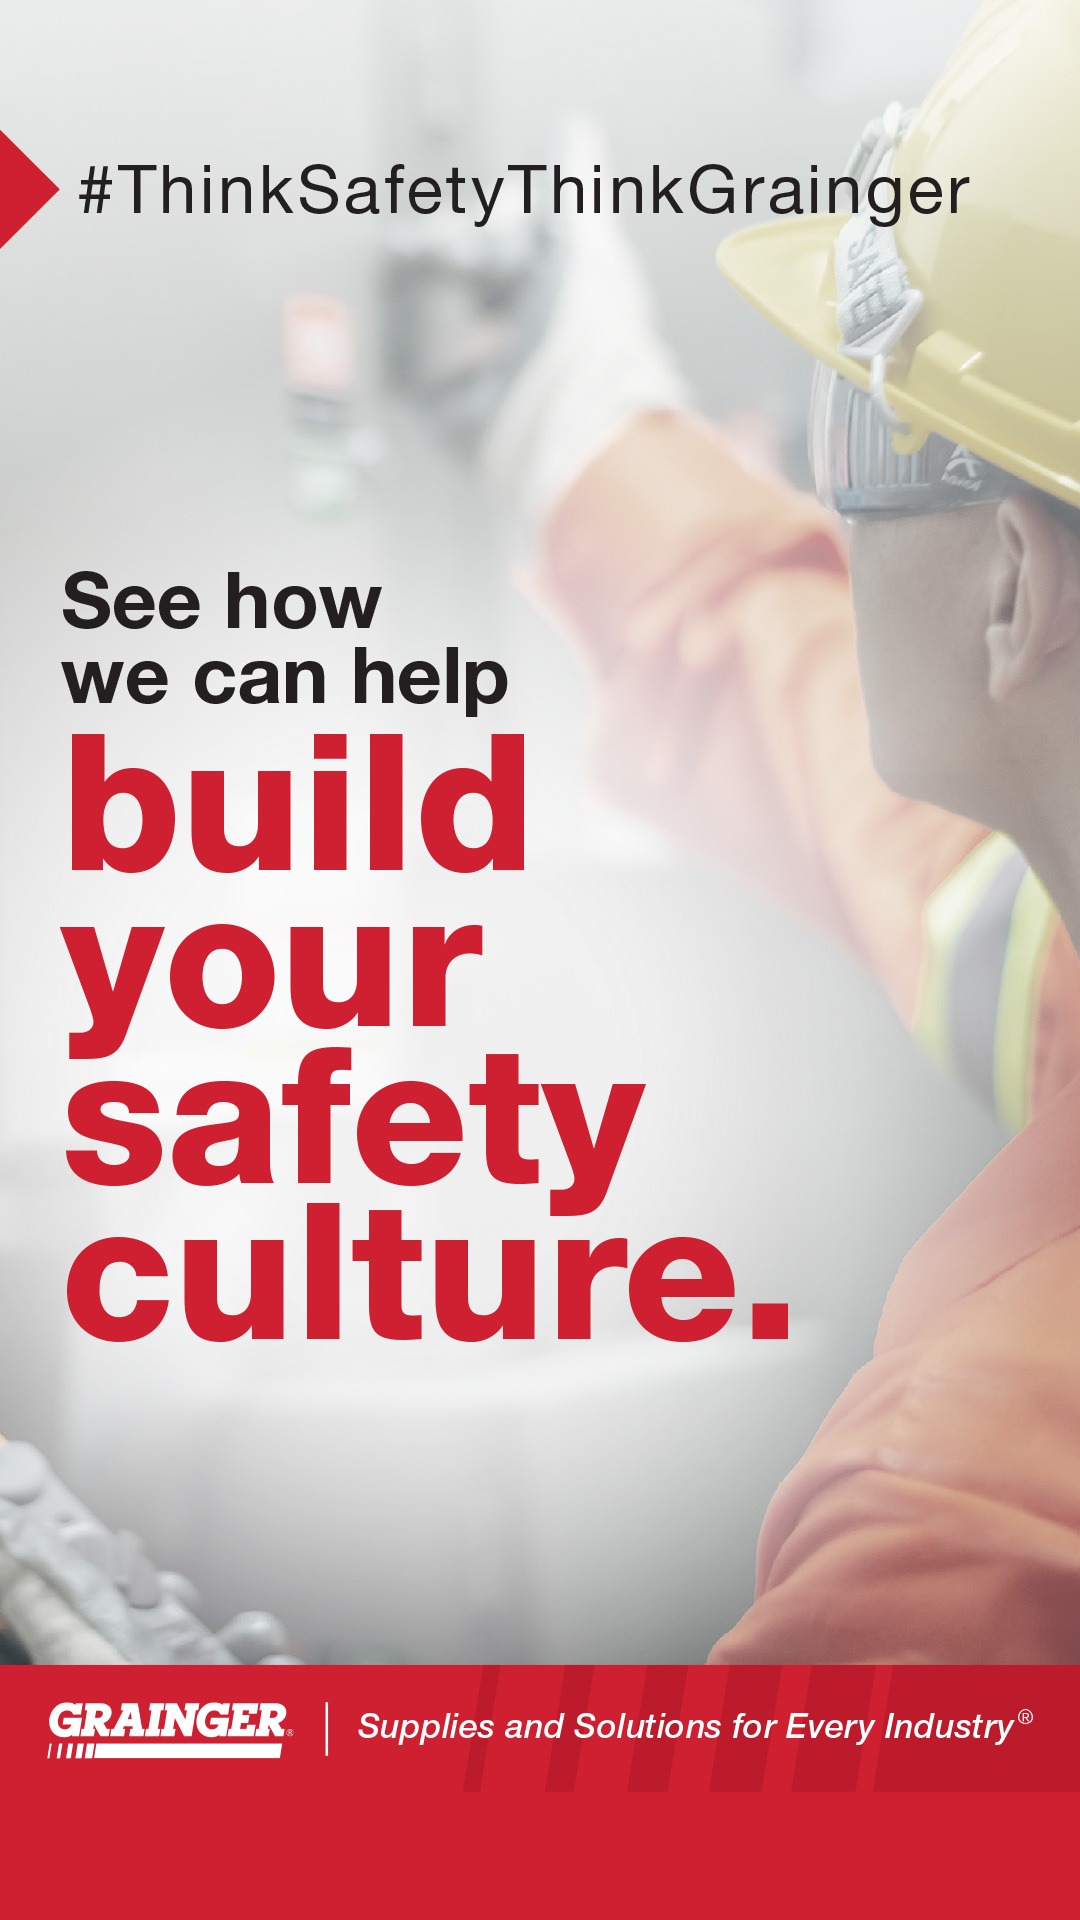 Safety Servoces